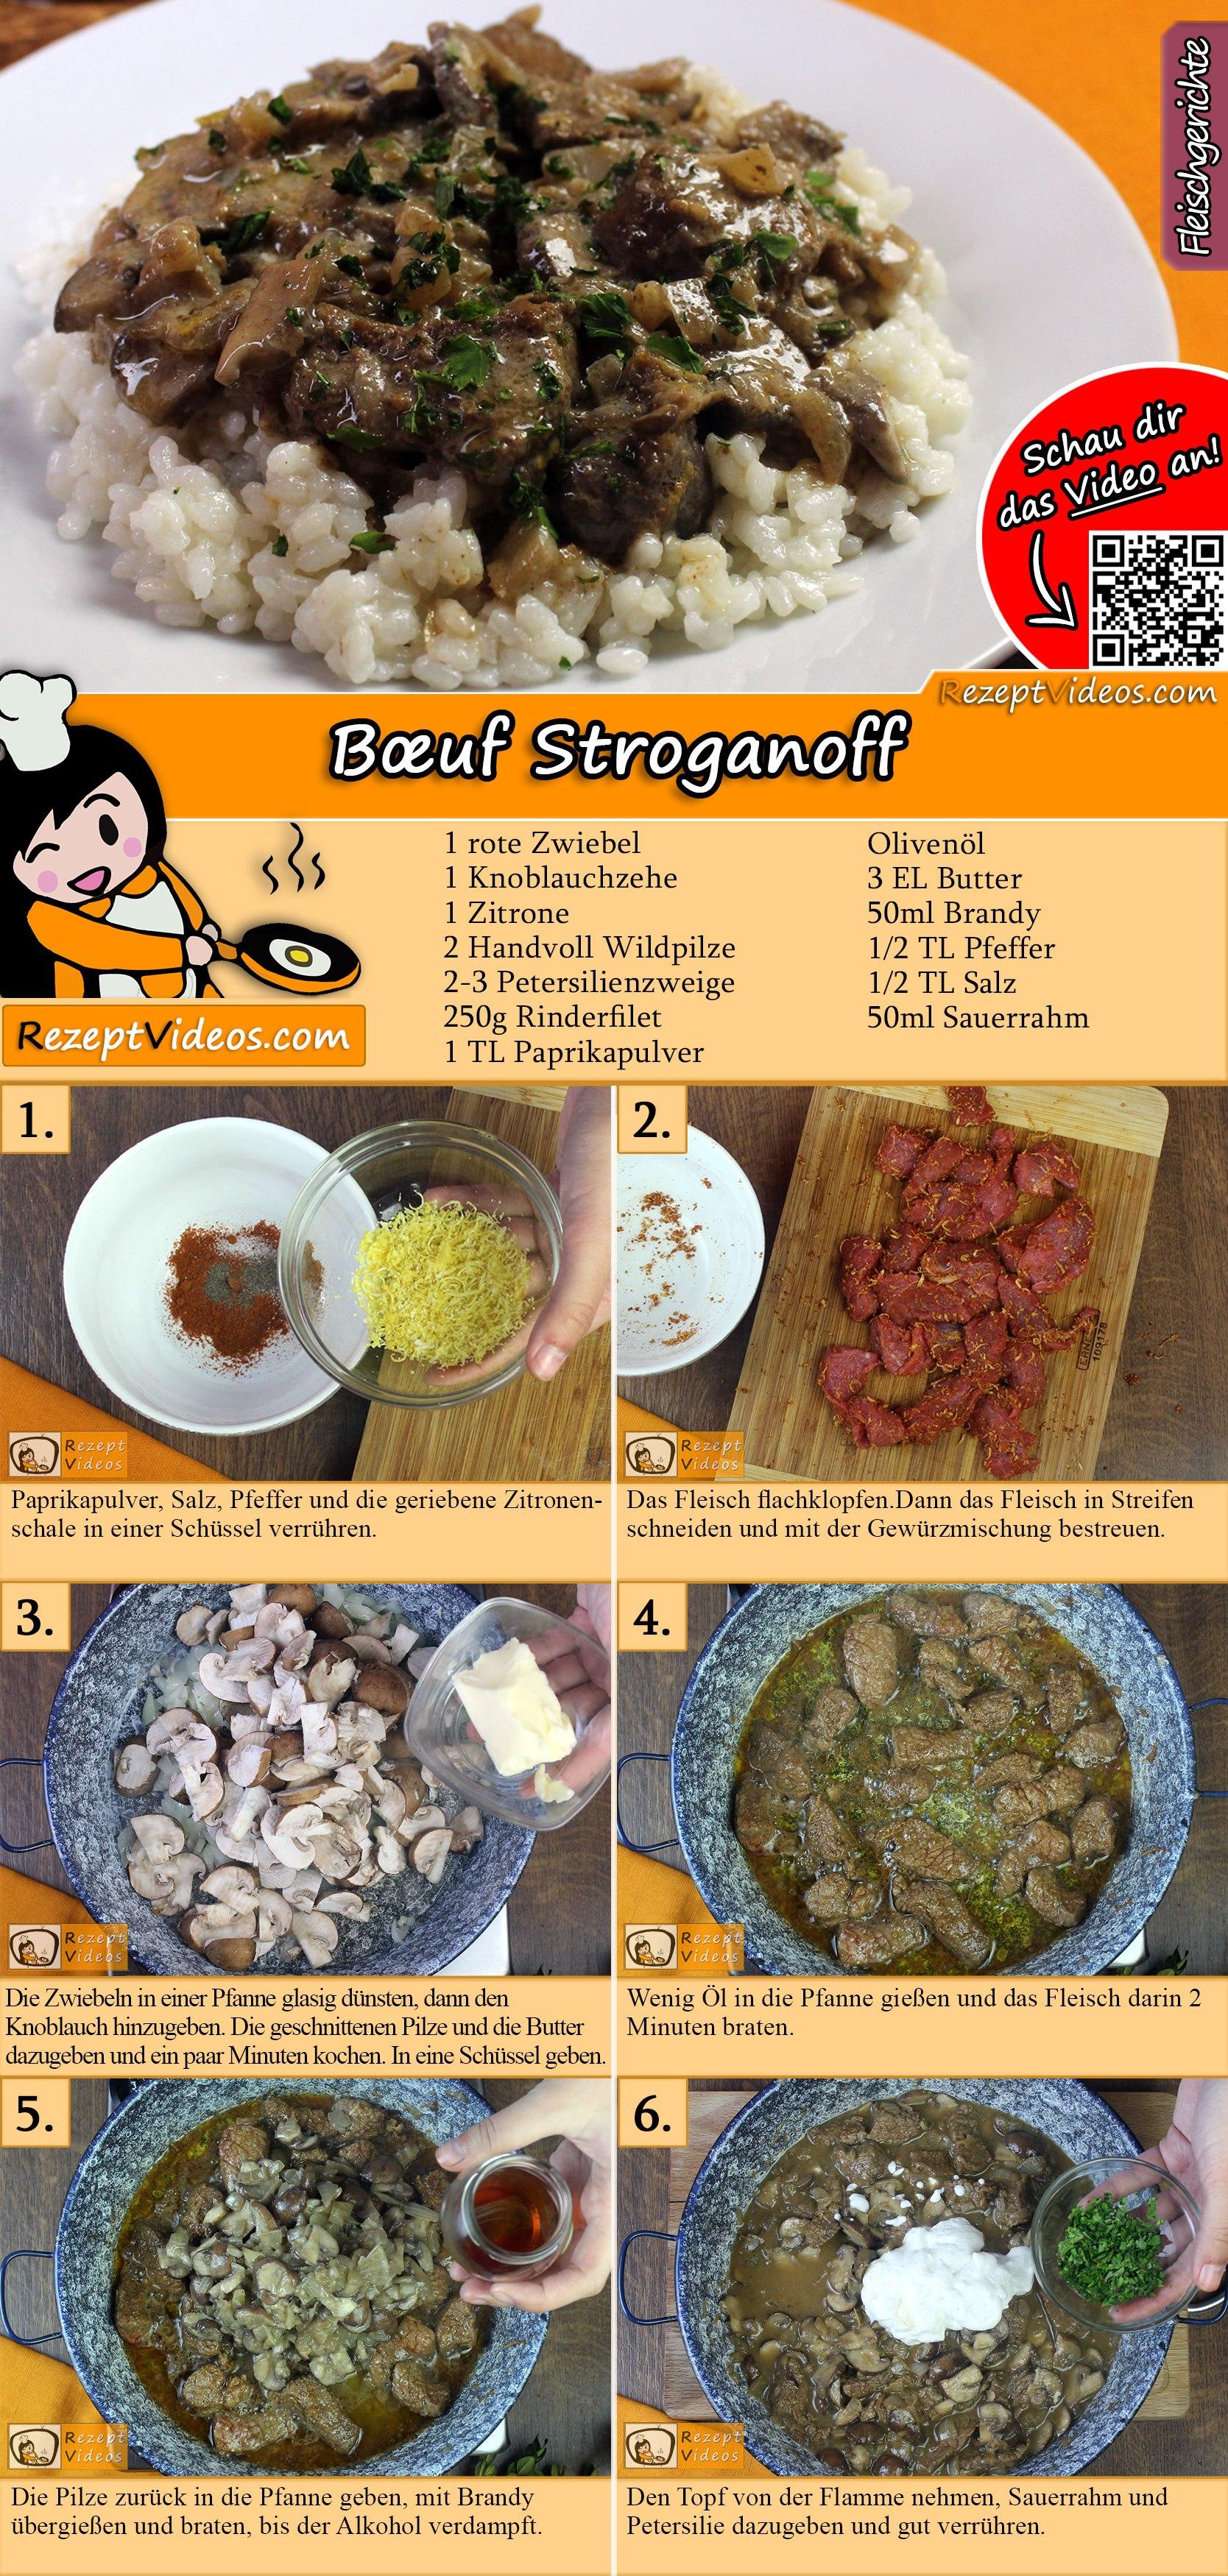 Bœuf Stroganoff Rezept mit Video